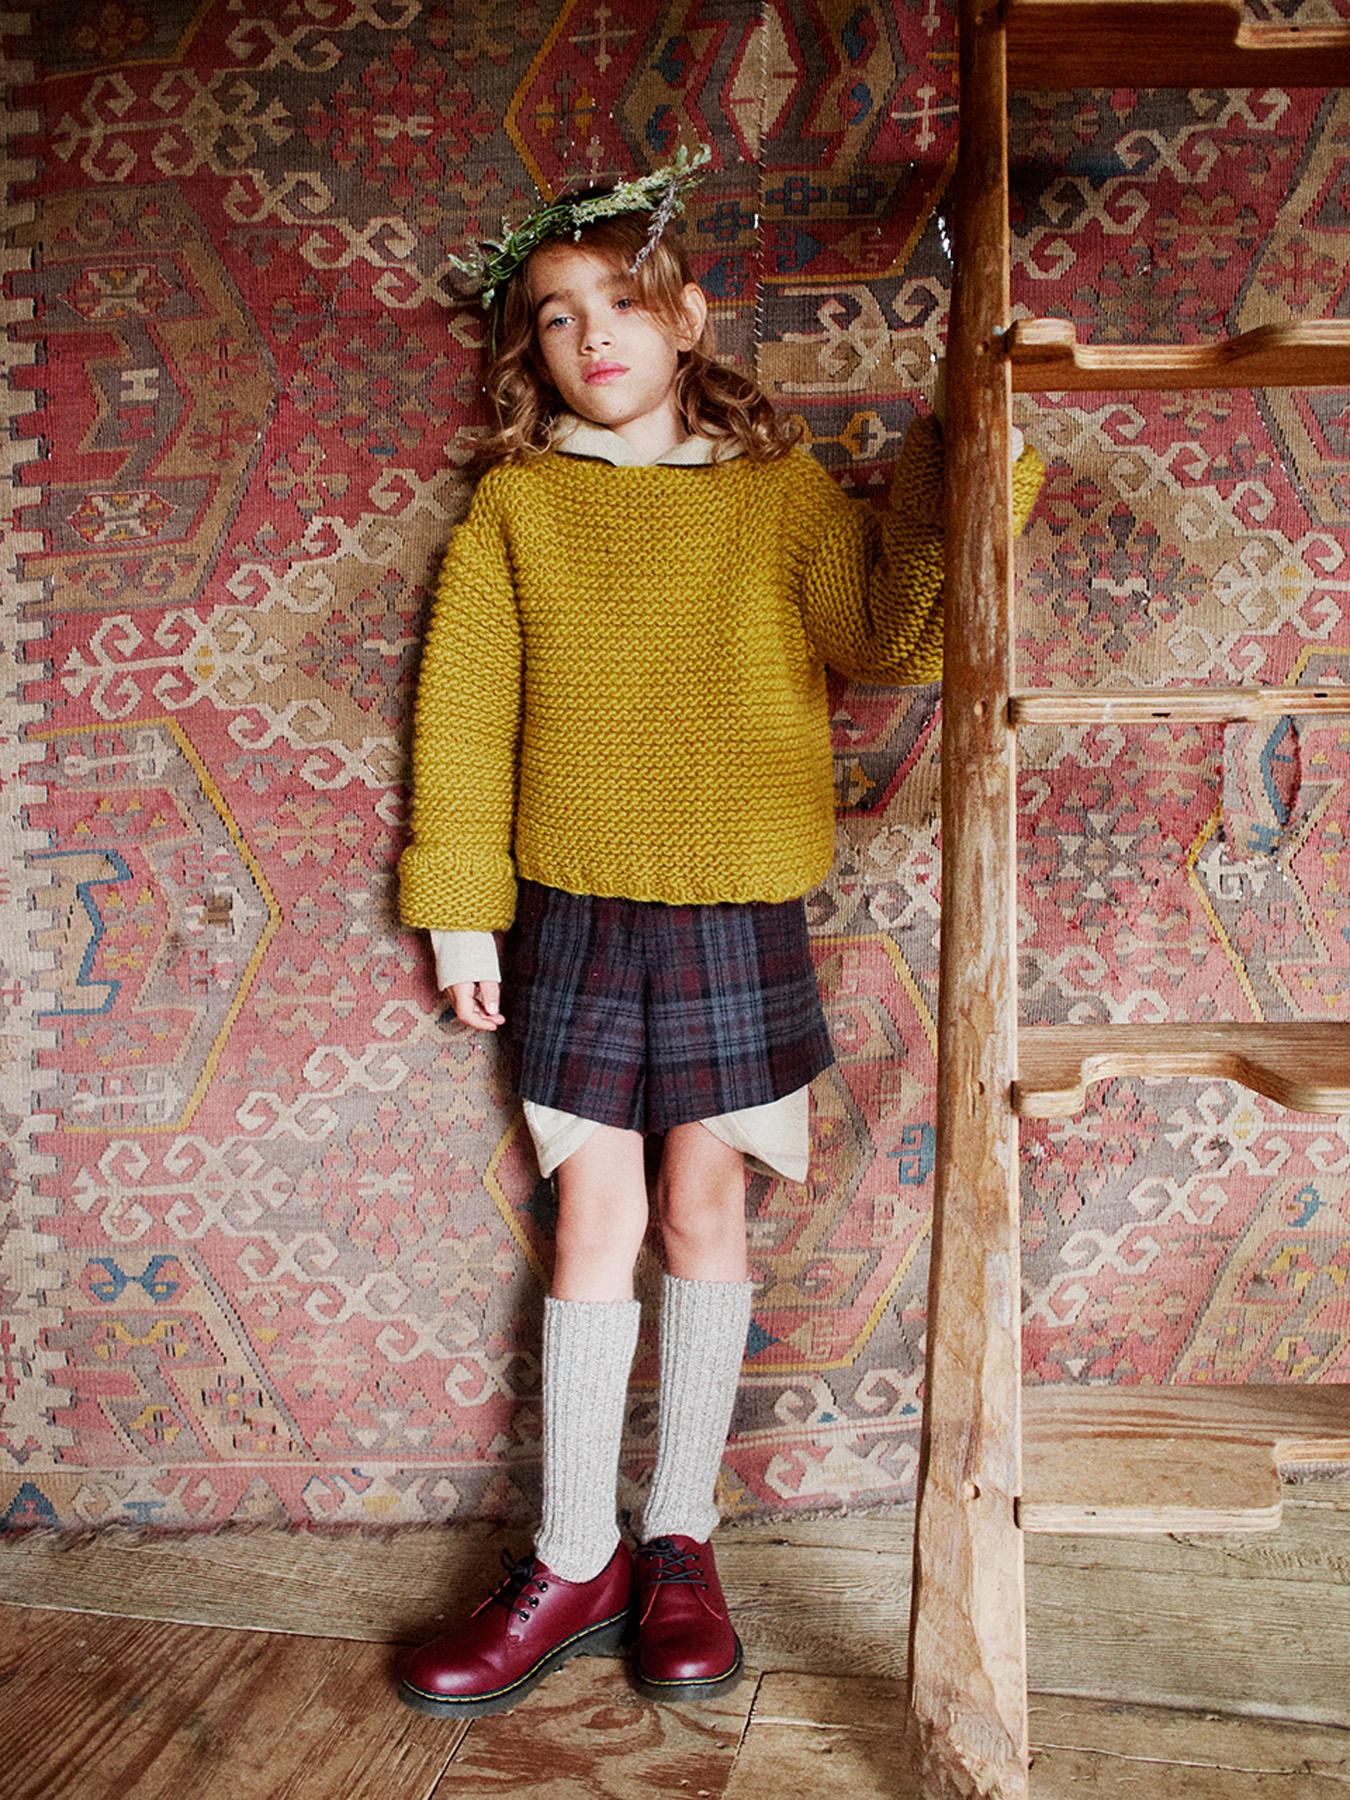 043-icon-artist-management-Kristin-Vicari-kids-MILK Magazine004.jpg